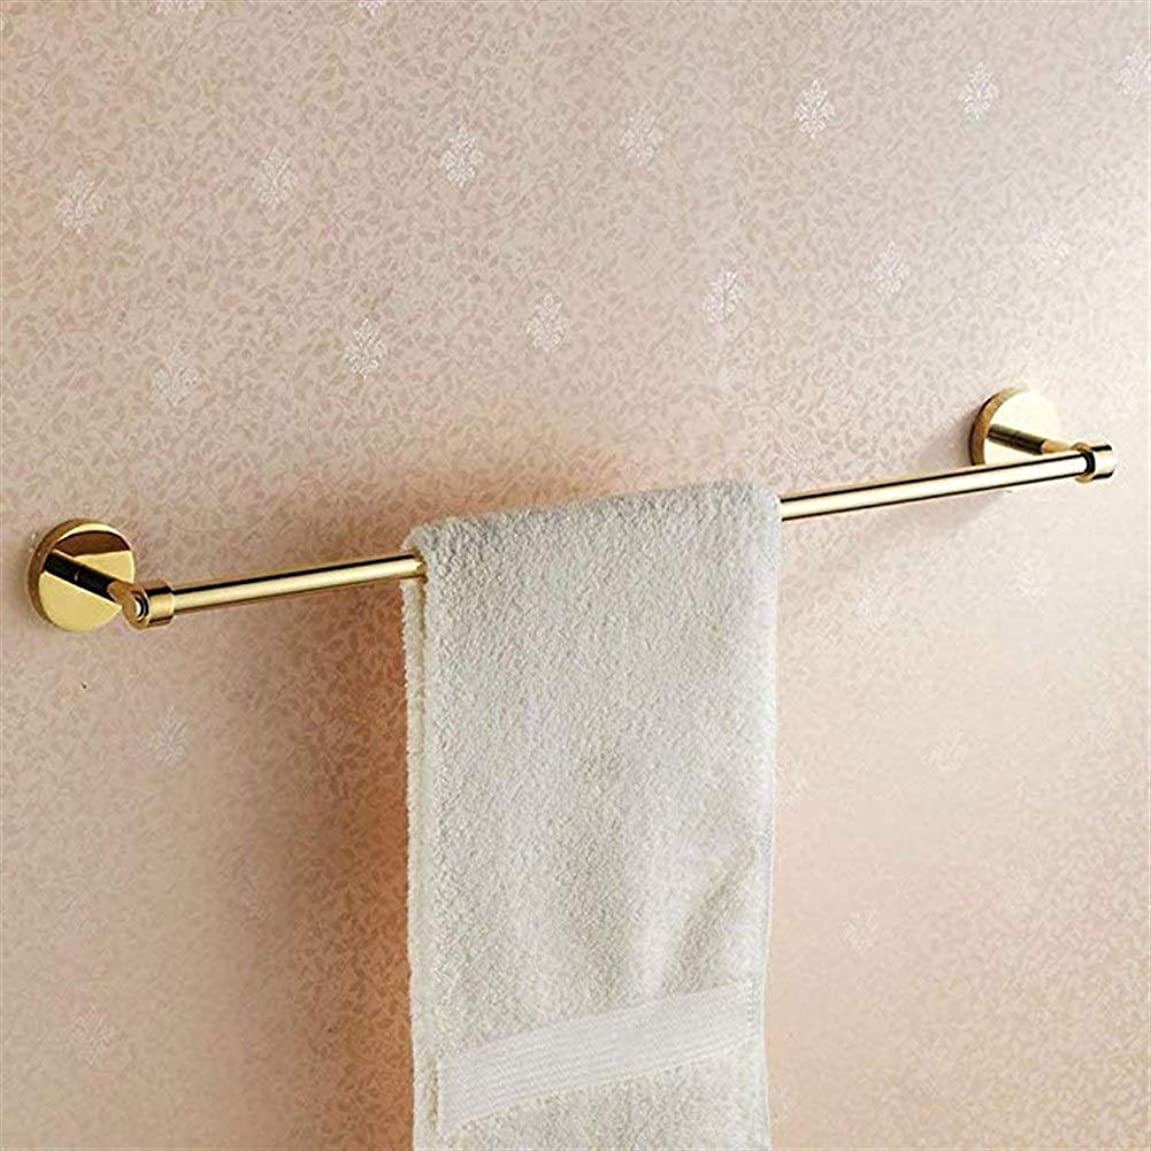 ジャンピングジャック郡宴会XJZxX 壁に取り付けられたタオル掛けタオル掛け単一のポーランド人の銅の浴室タオルバー60cmの浴室タオルバー